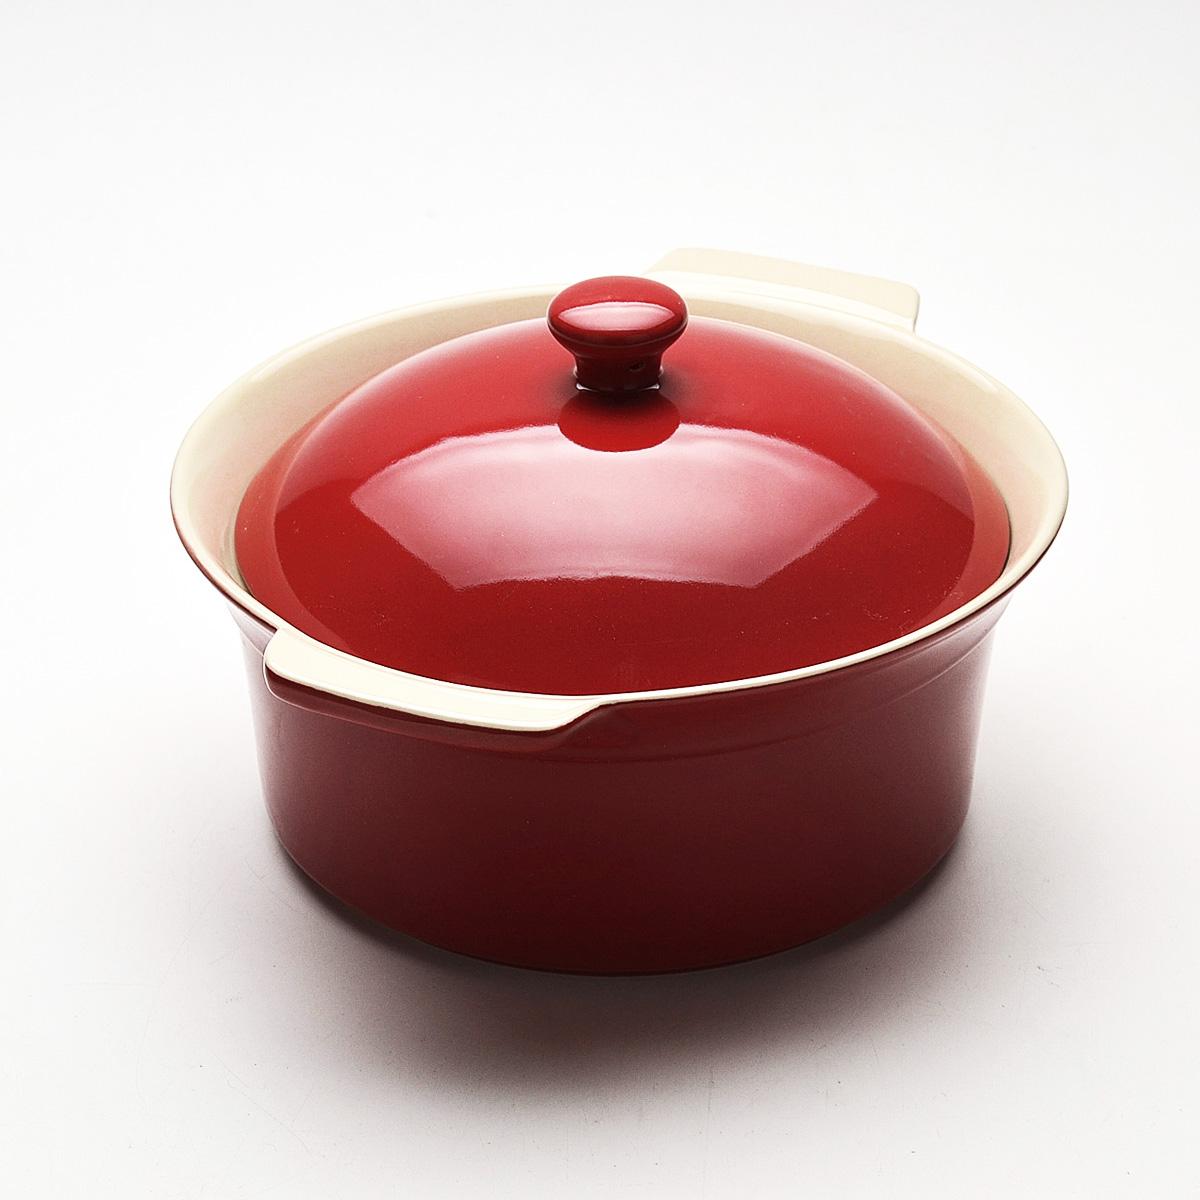 Жаровня Mayer & Boch с крышкой, цвет: красный, 2,3 л. 2181421814Жаровня Mayer & Boch, изготовленная из жаропрочной керамики, подходит для любого вида пищи. Элегантный дизайн идеально подходит для современного дома. В комплект входит крышка из керамики. Глиняные ручки обеспечивают надежный захват.Изделия из керамики идеально подходят как для приготовления пищи, так и для подачи на стол. Материал не содержит свинца и кадмия. С такой жаровней вы всегда сможете порадовать своих близких оригинальным блюдом.Жаровню можно использовать на газовой, электрической плите, в микроволновой печи, в духовом шкафу, замораживать в холодильнике. Можно мыть в посудомоечной машине.Размер (с учетом ручек): 29,3 см х 25,3 см.Высота стенок: 11 см.Толщина стенок: 6-7 мм. Диаметр основания: 19 см.